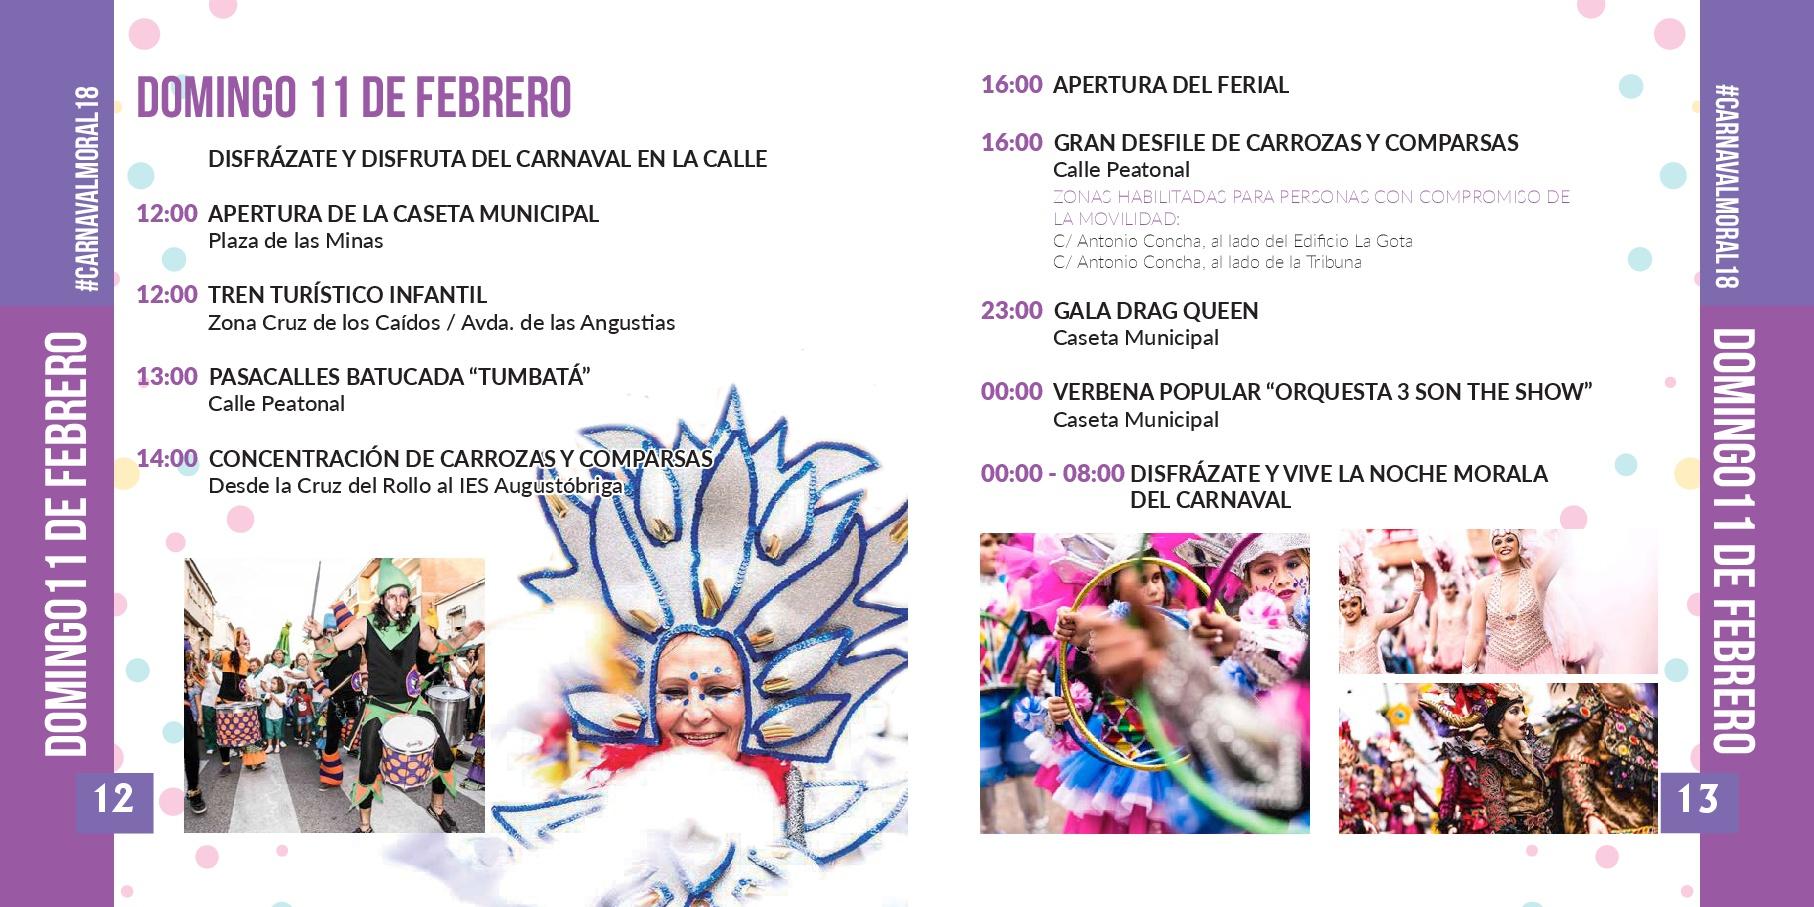 Carnaval del Campo Arañuelo 2018 7